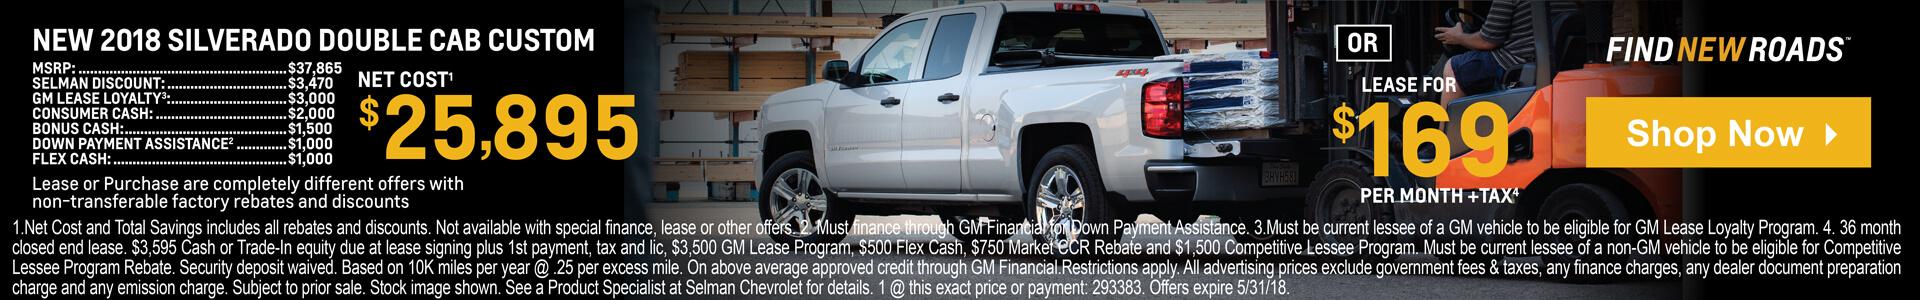 Silverado Double Cab $25,895